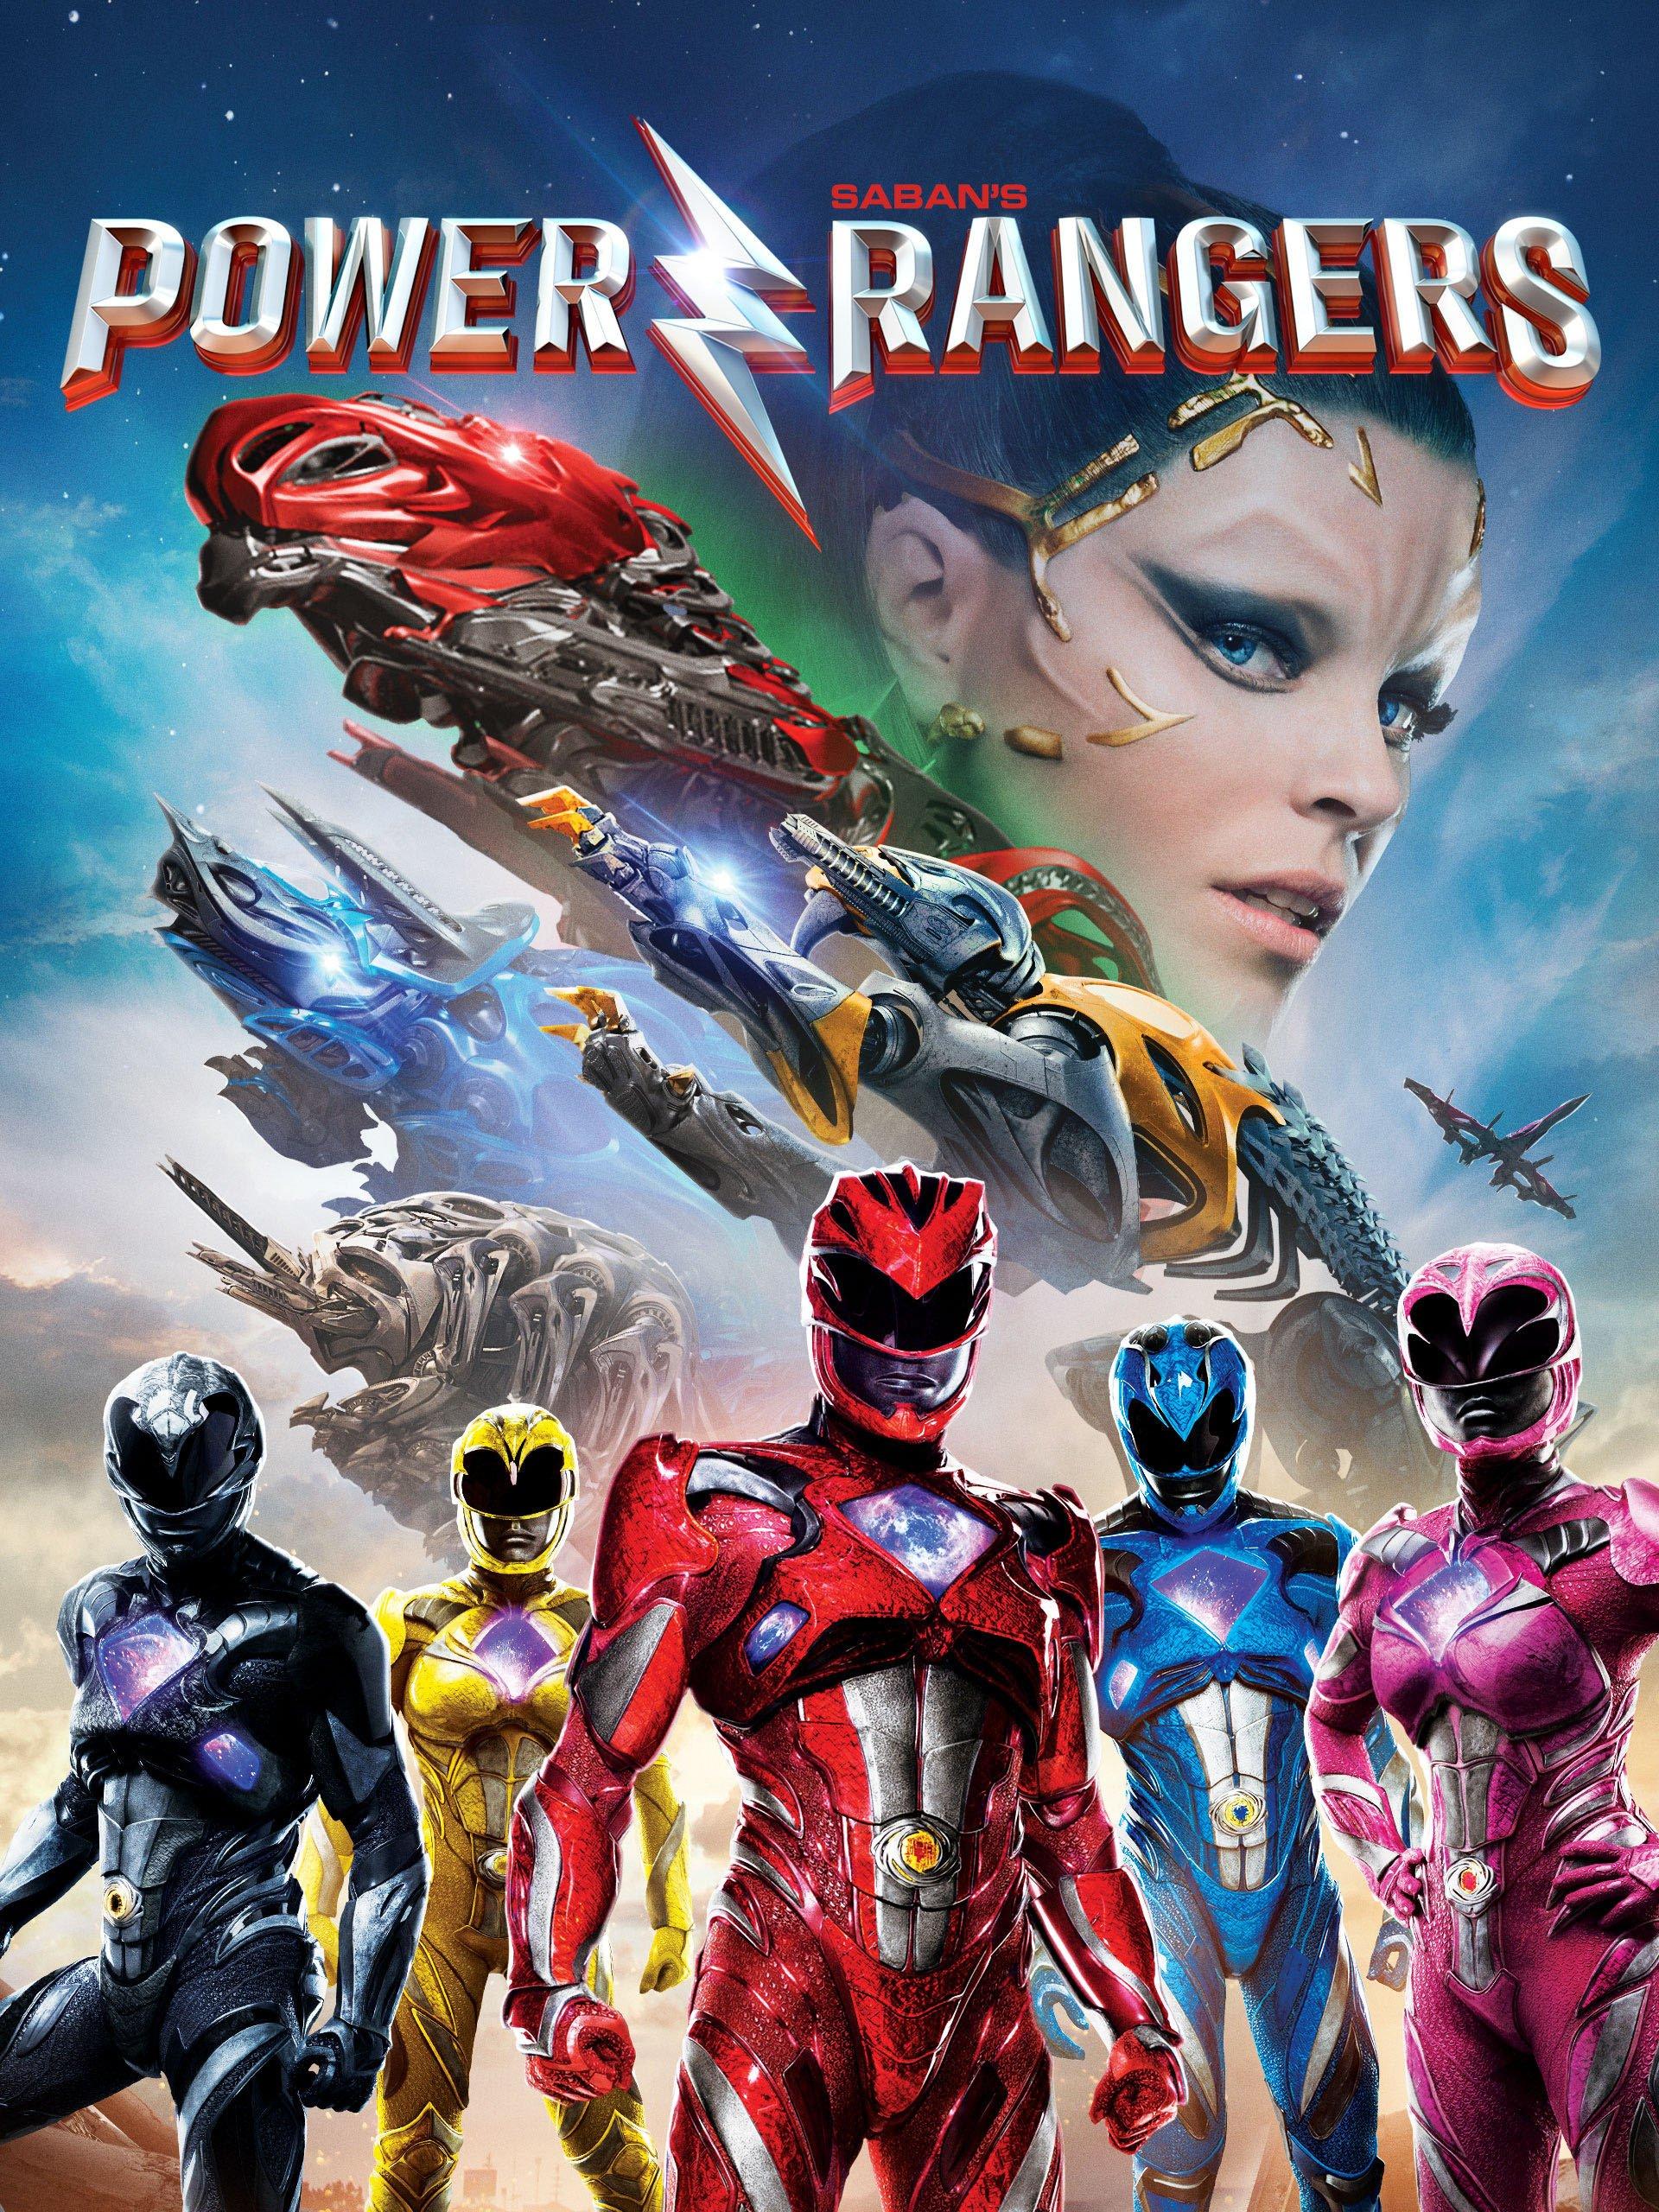 Buy Amazon Prime Movies Now!